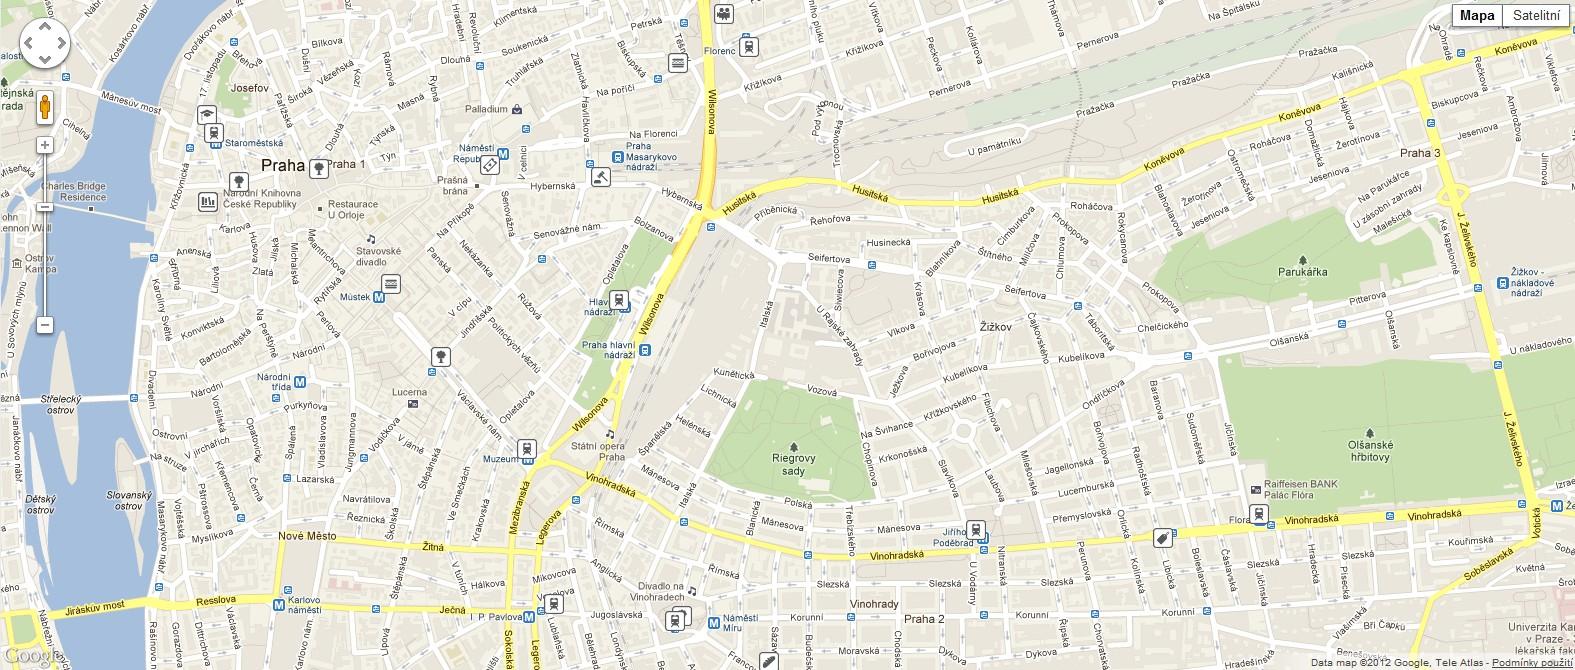 Vizualizace posledních několika geolokačních údajů z aplikace Foursquare